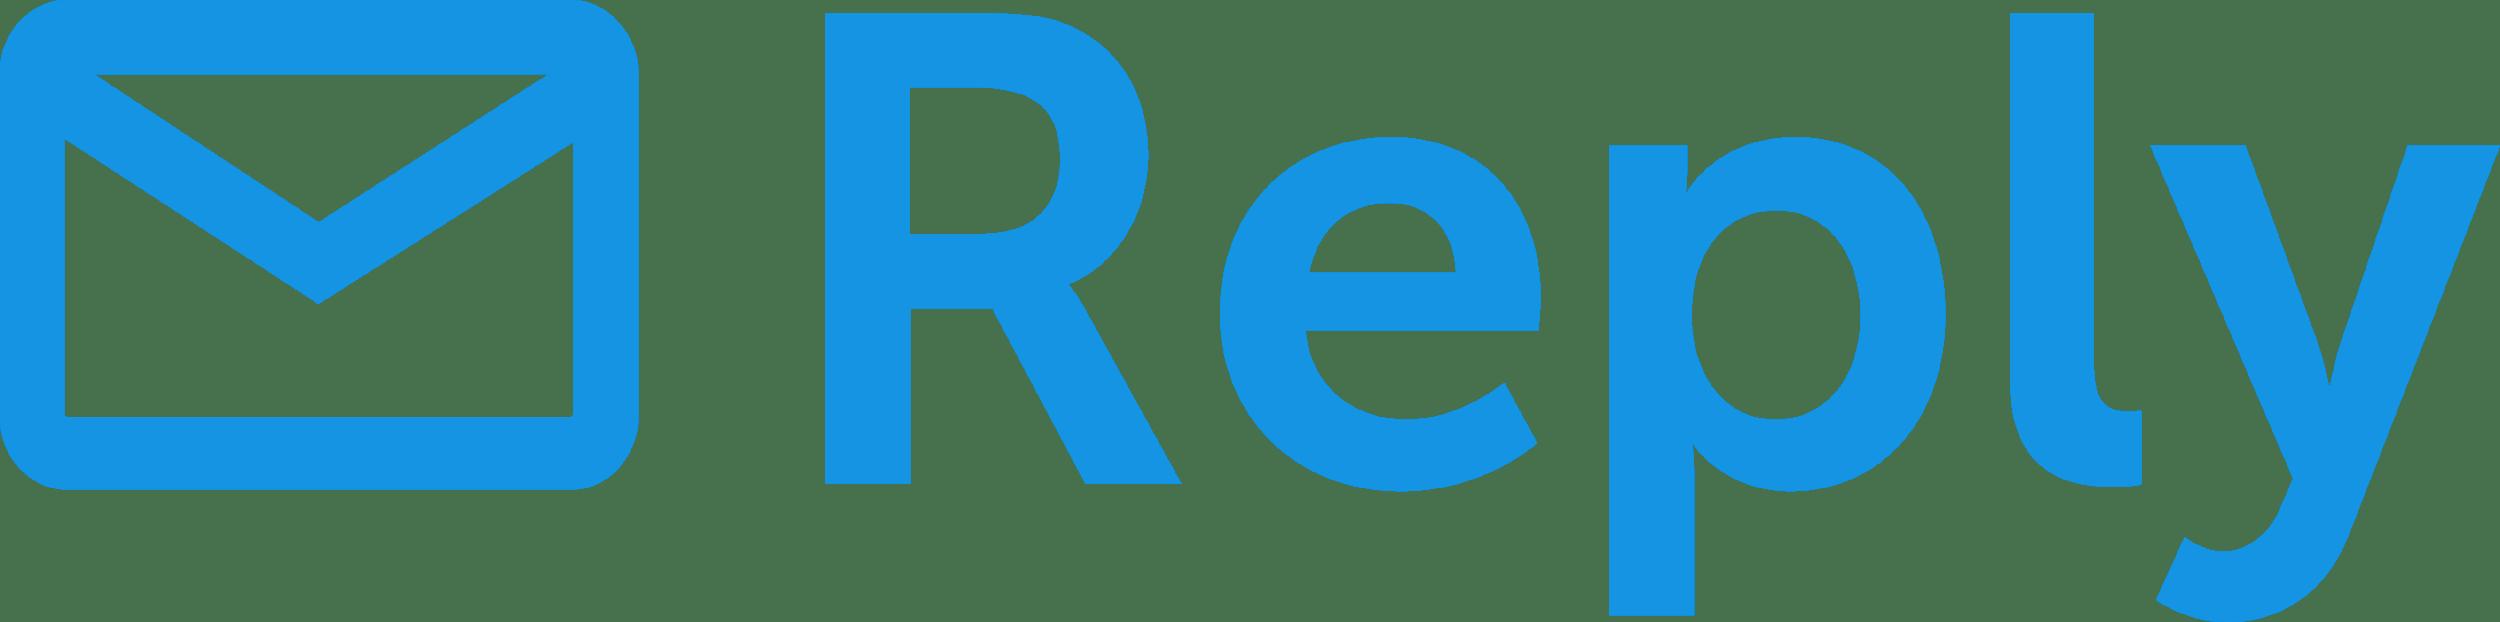 Reply.io reviews